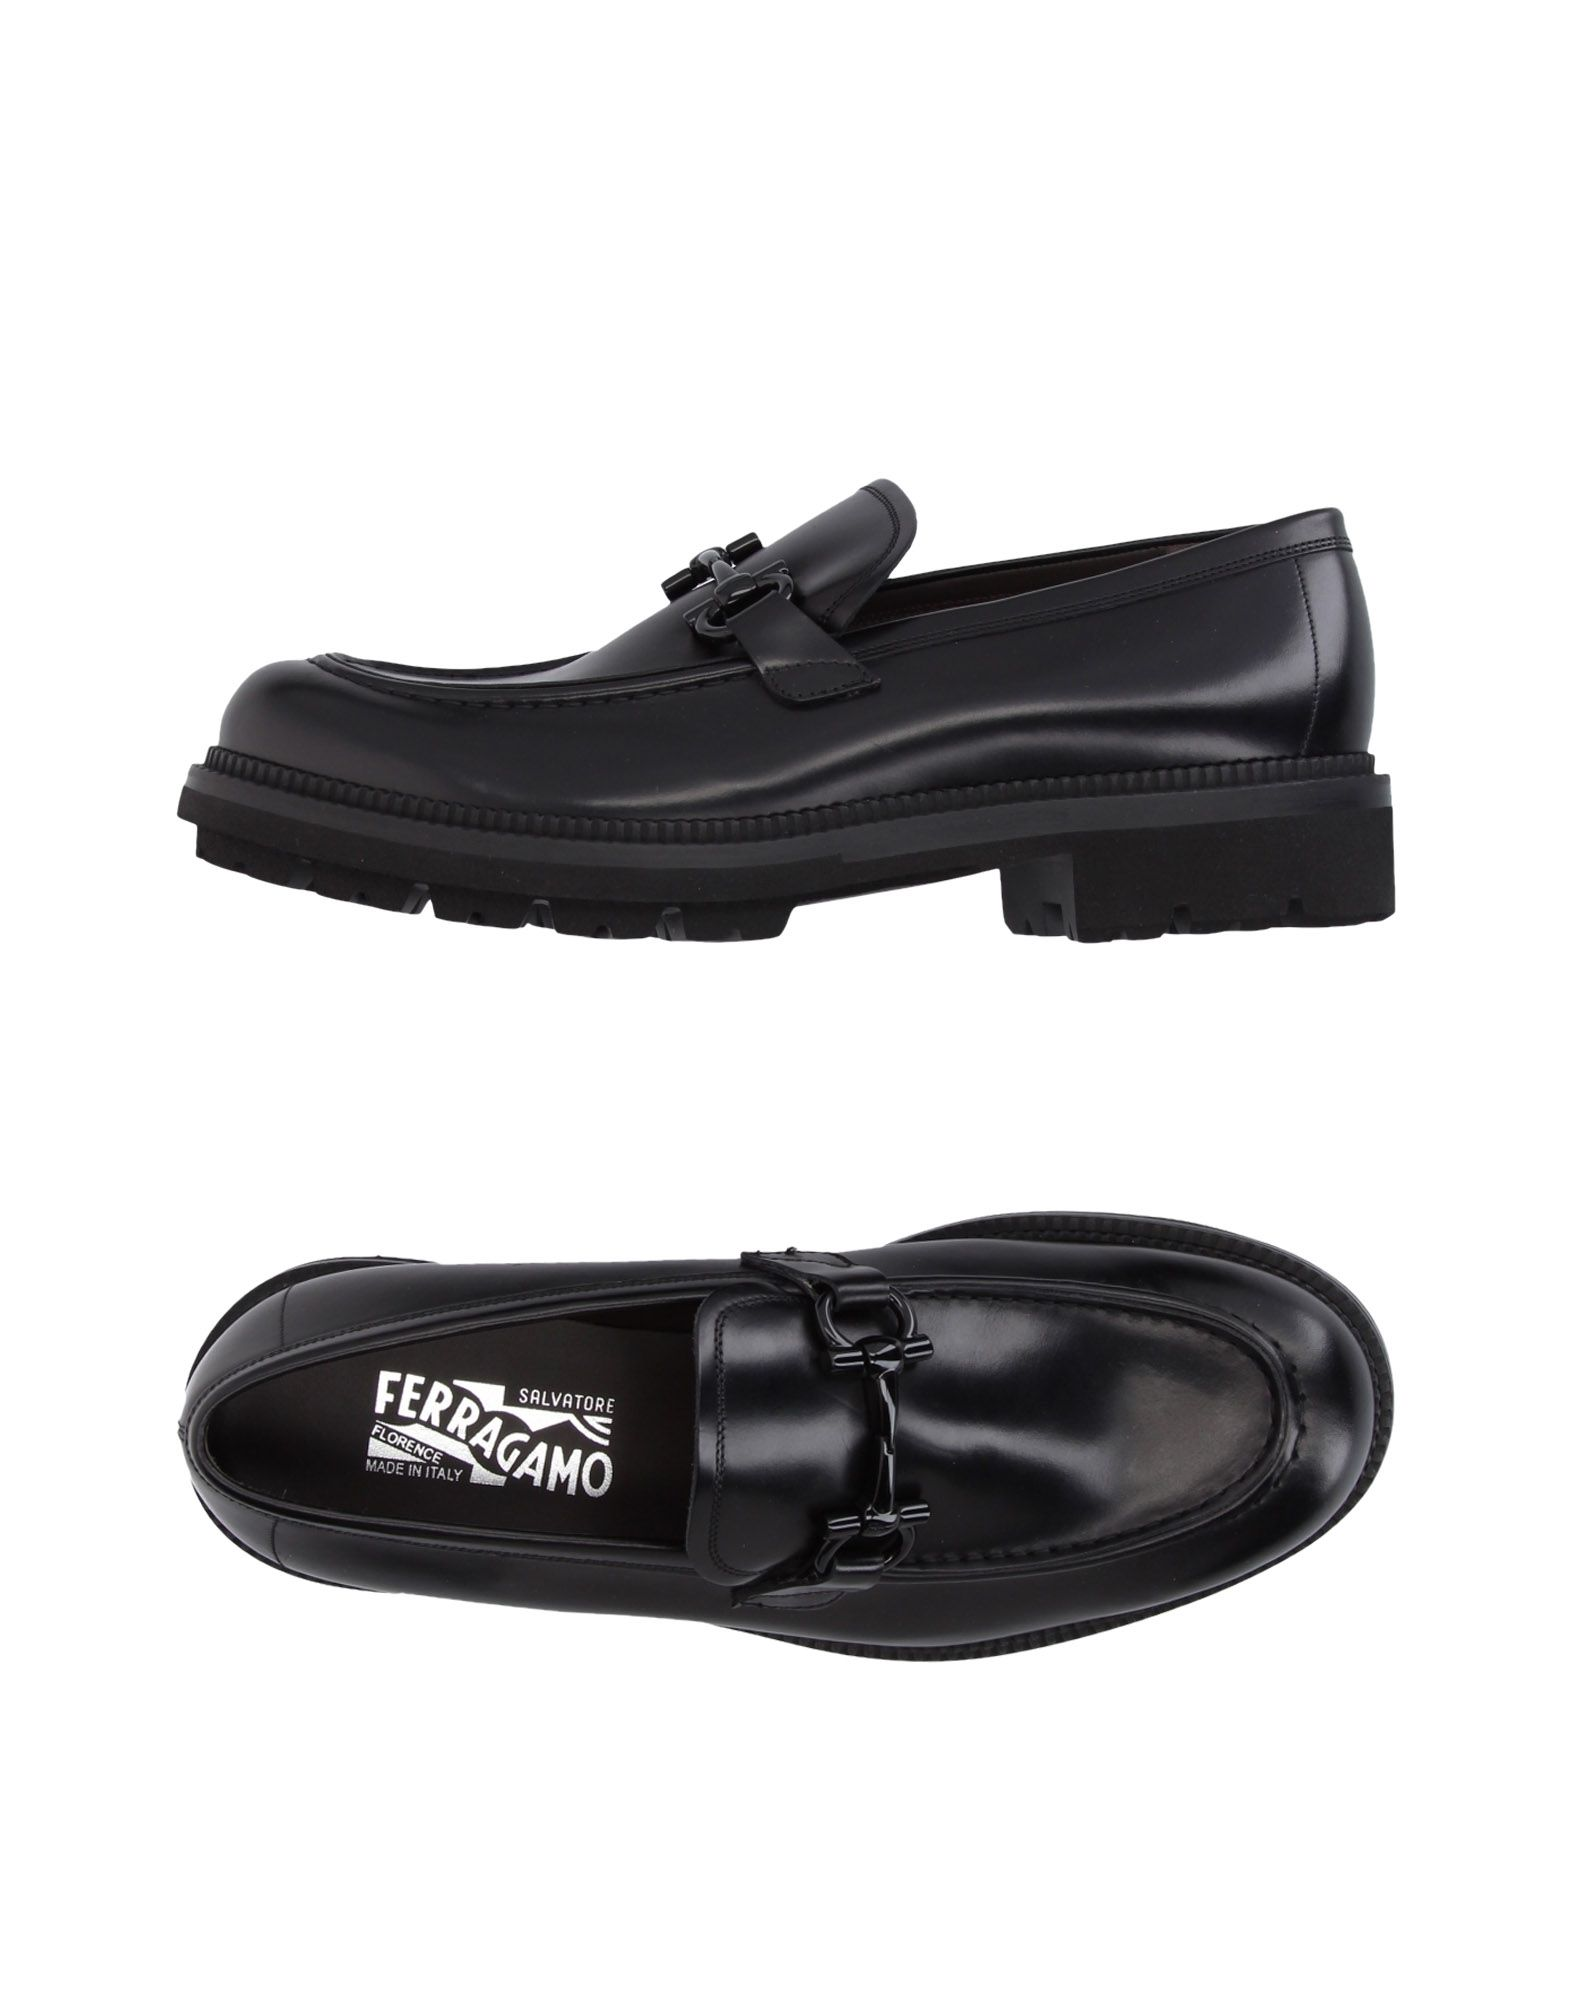 Salvatore Ferragamo Mokassins Herren  11207113EE Gute Qualität beliebte Schuhe